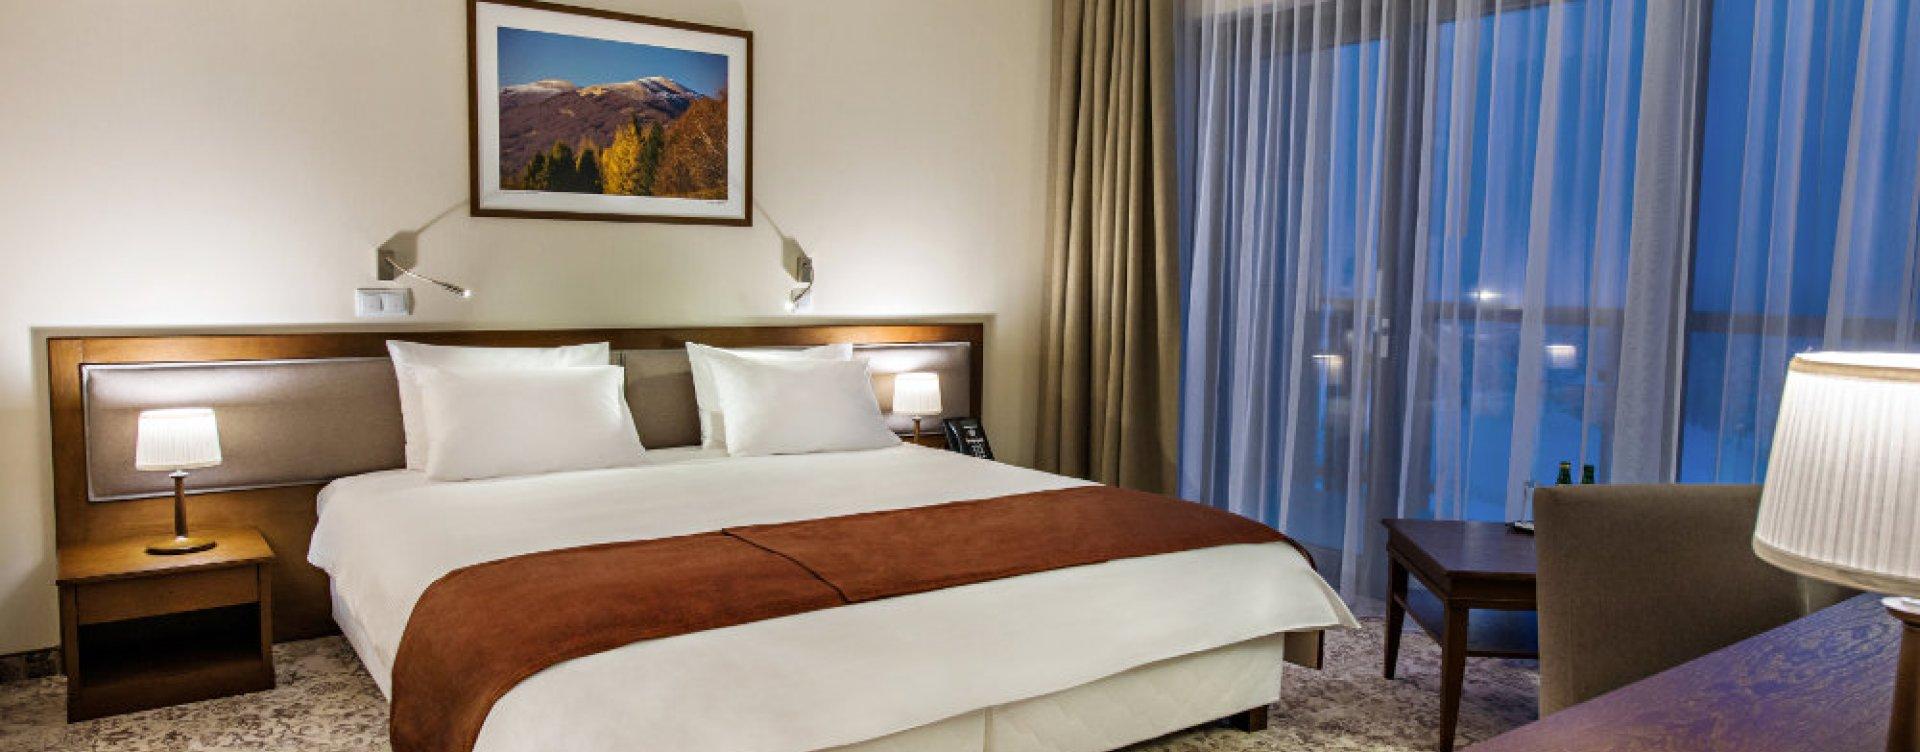 Pokój 1-osobowy w Hotelu